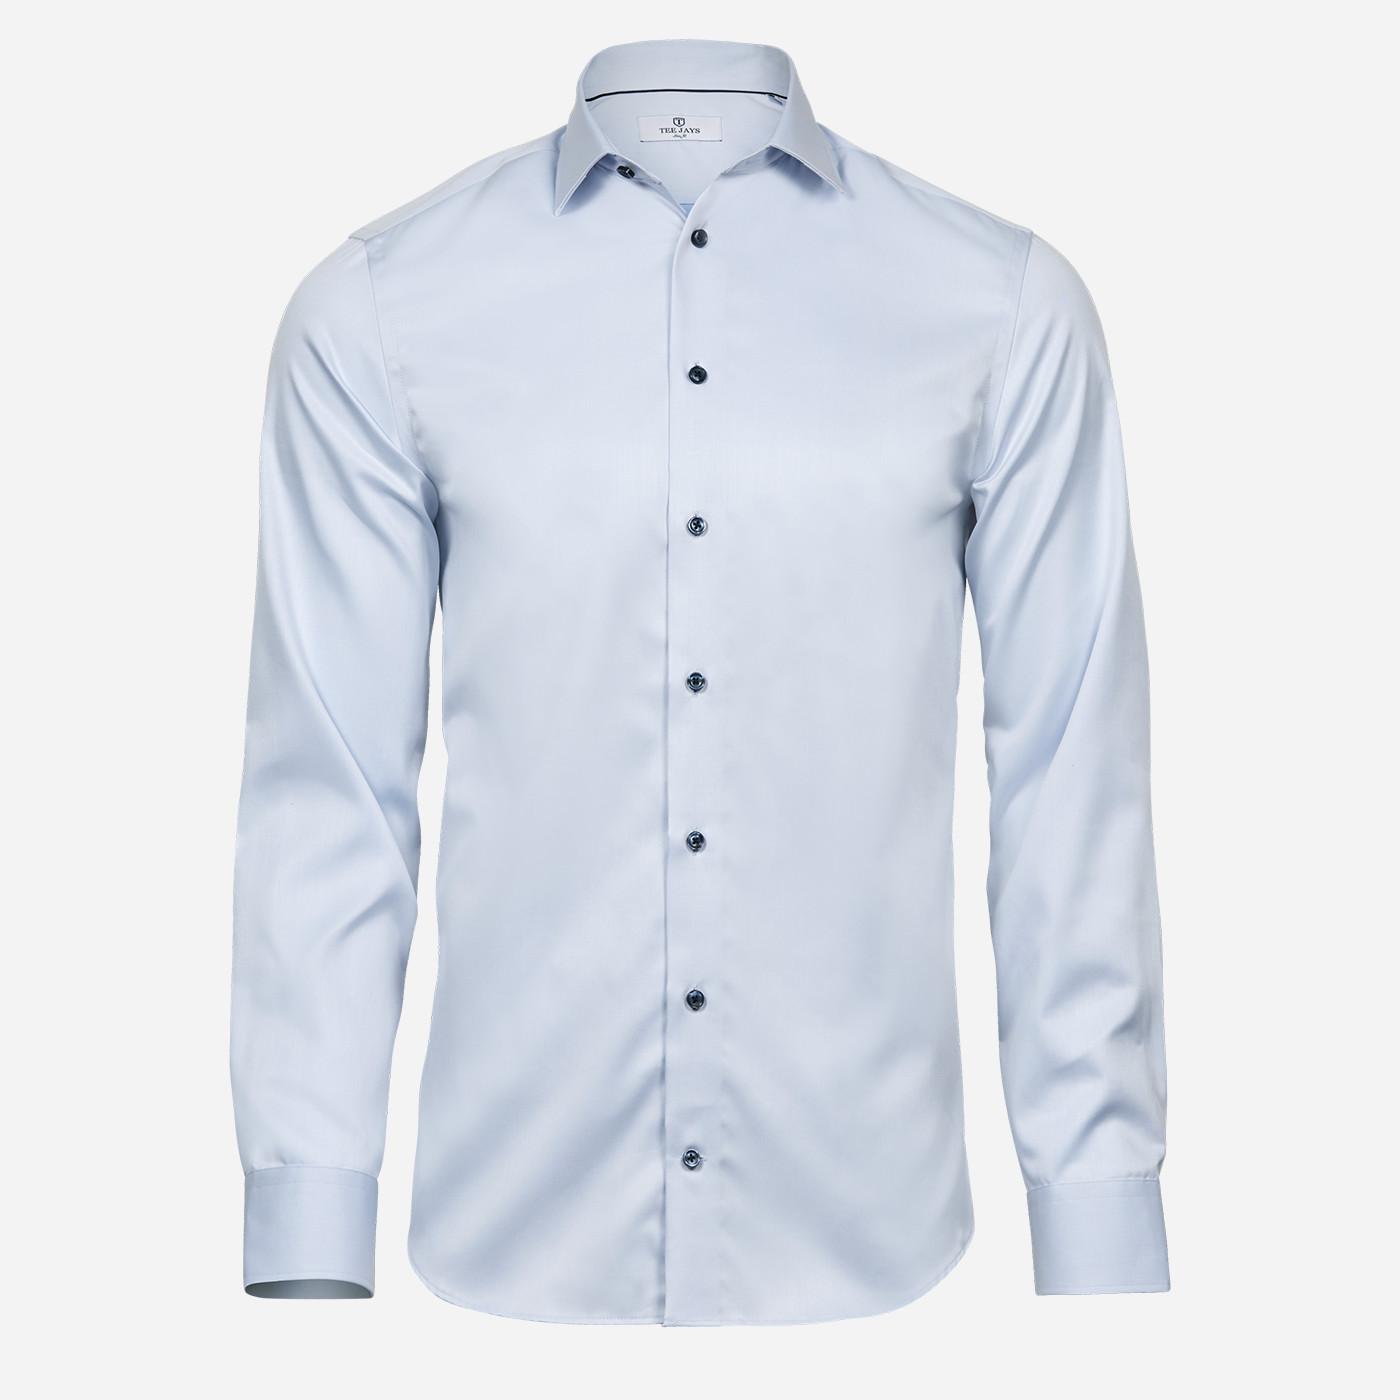 Svetlomodrá košeľa Tee Jays, modré gombíky, Slim fit Veľkosť: XXL 45/46